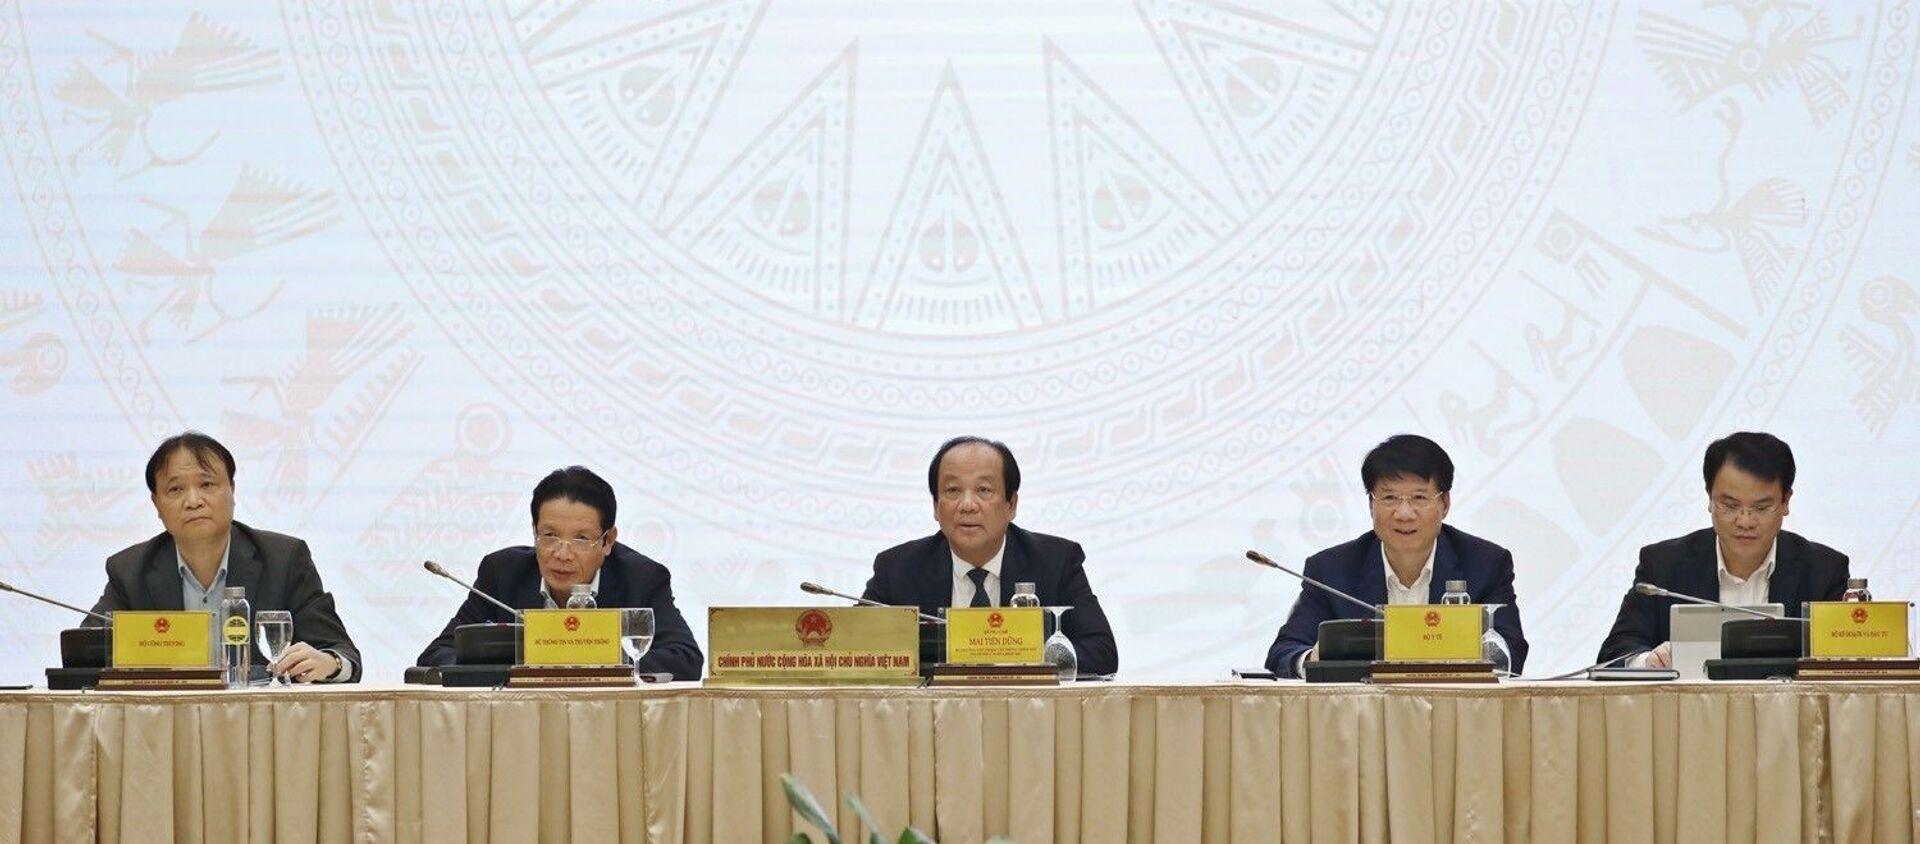 Bộ trưởng, Chủ nhiệm, Người Phát ngôn Chính phủ Mai Tiến Dũng (ngồi giữa) chủ trì Họp báo Chính phủ thường kỳ tháng 2 năm 2021. - Sputnik Việt Nam, 1920, 02.03.2021